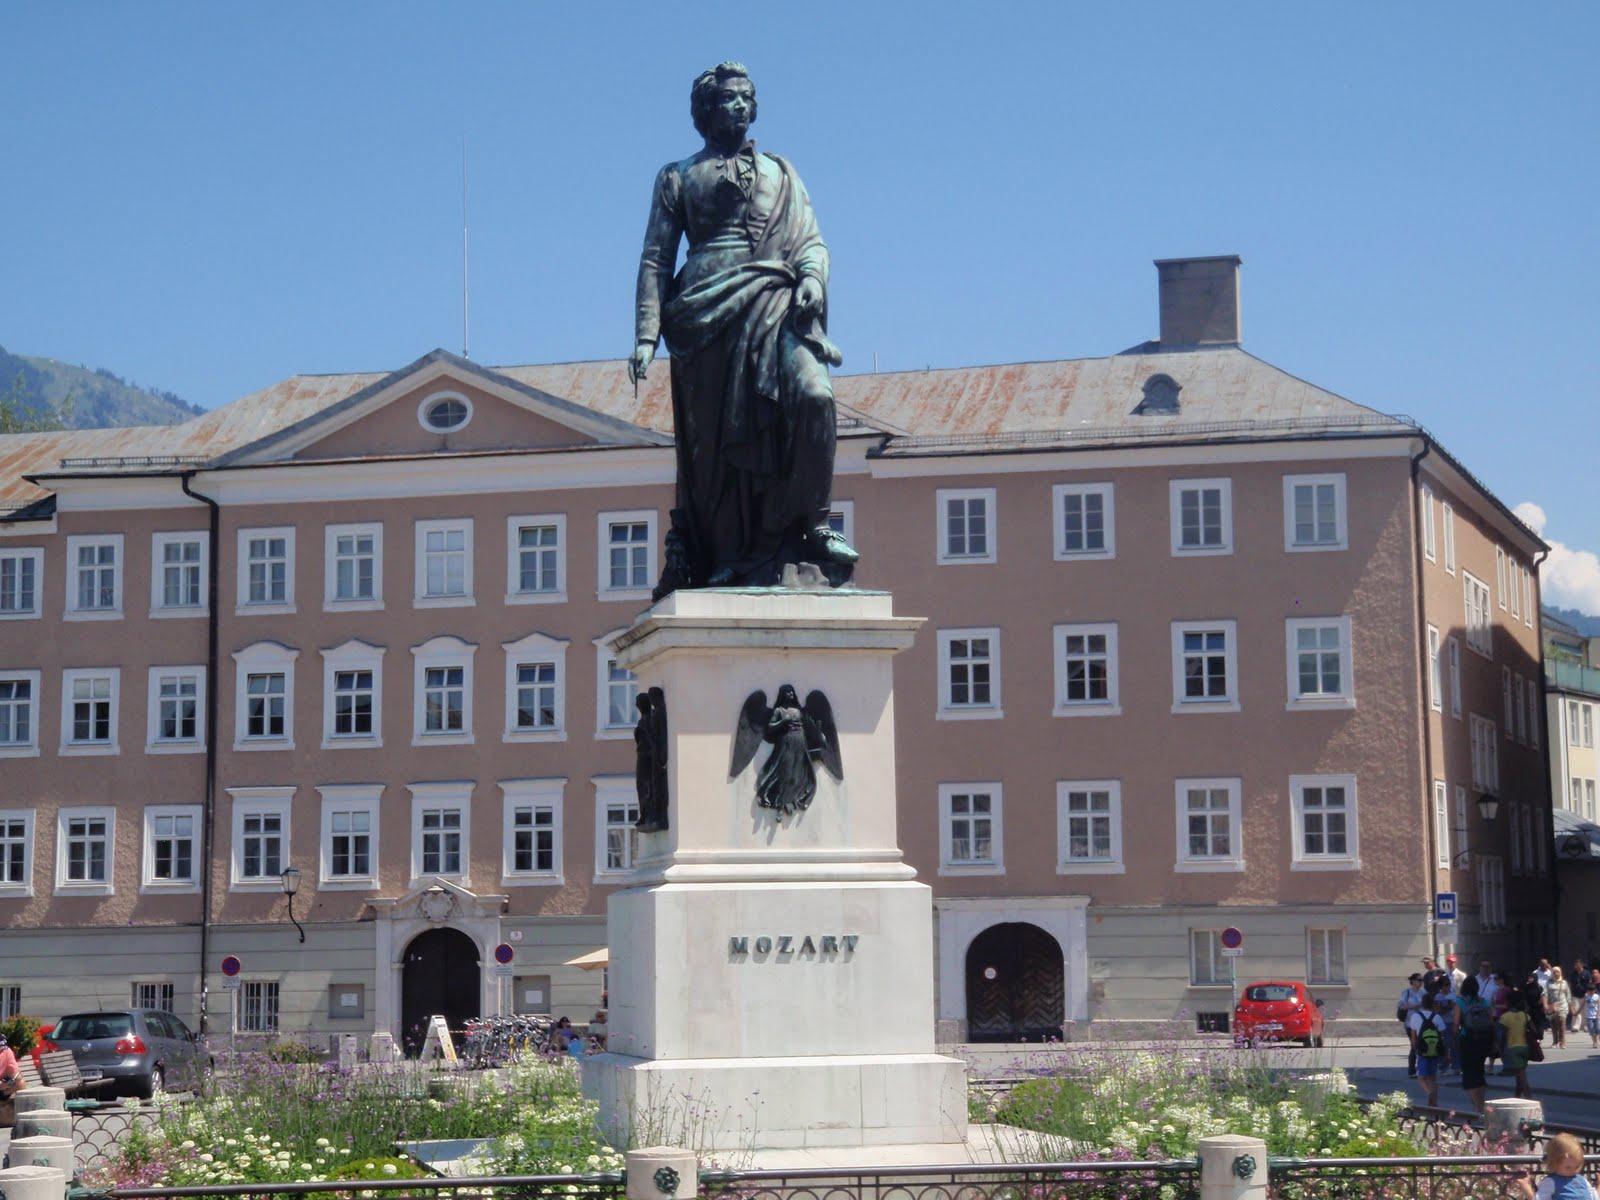 Statuia lui Mozart, oraşul Salzburg, Austria